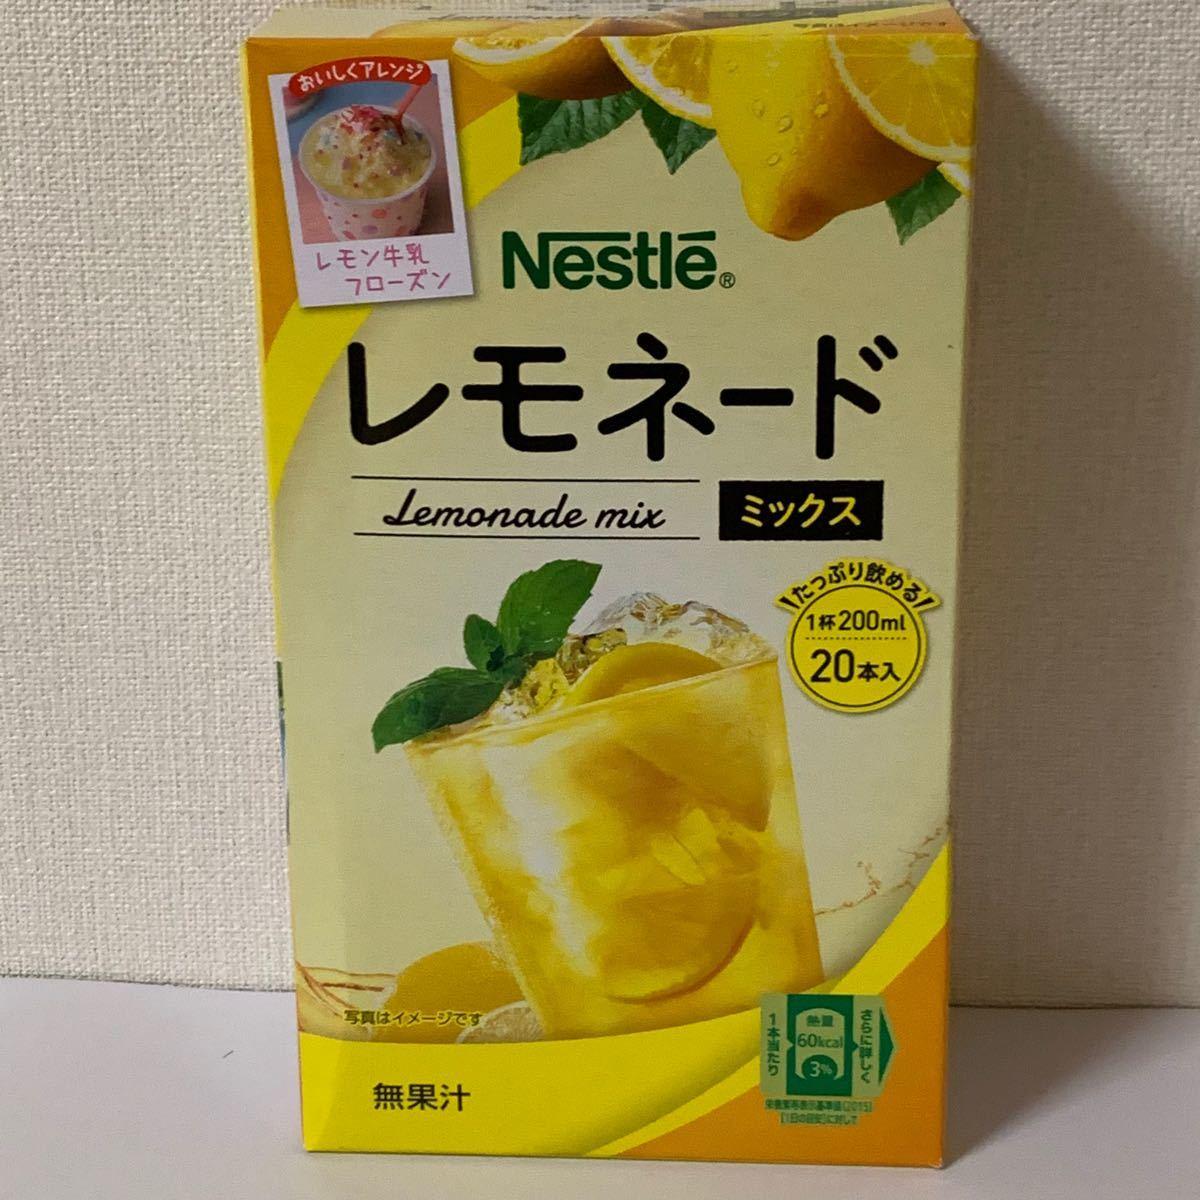 ネスレ レモネード ミックス 20本入